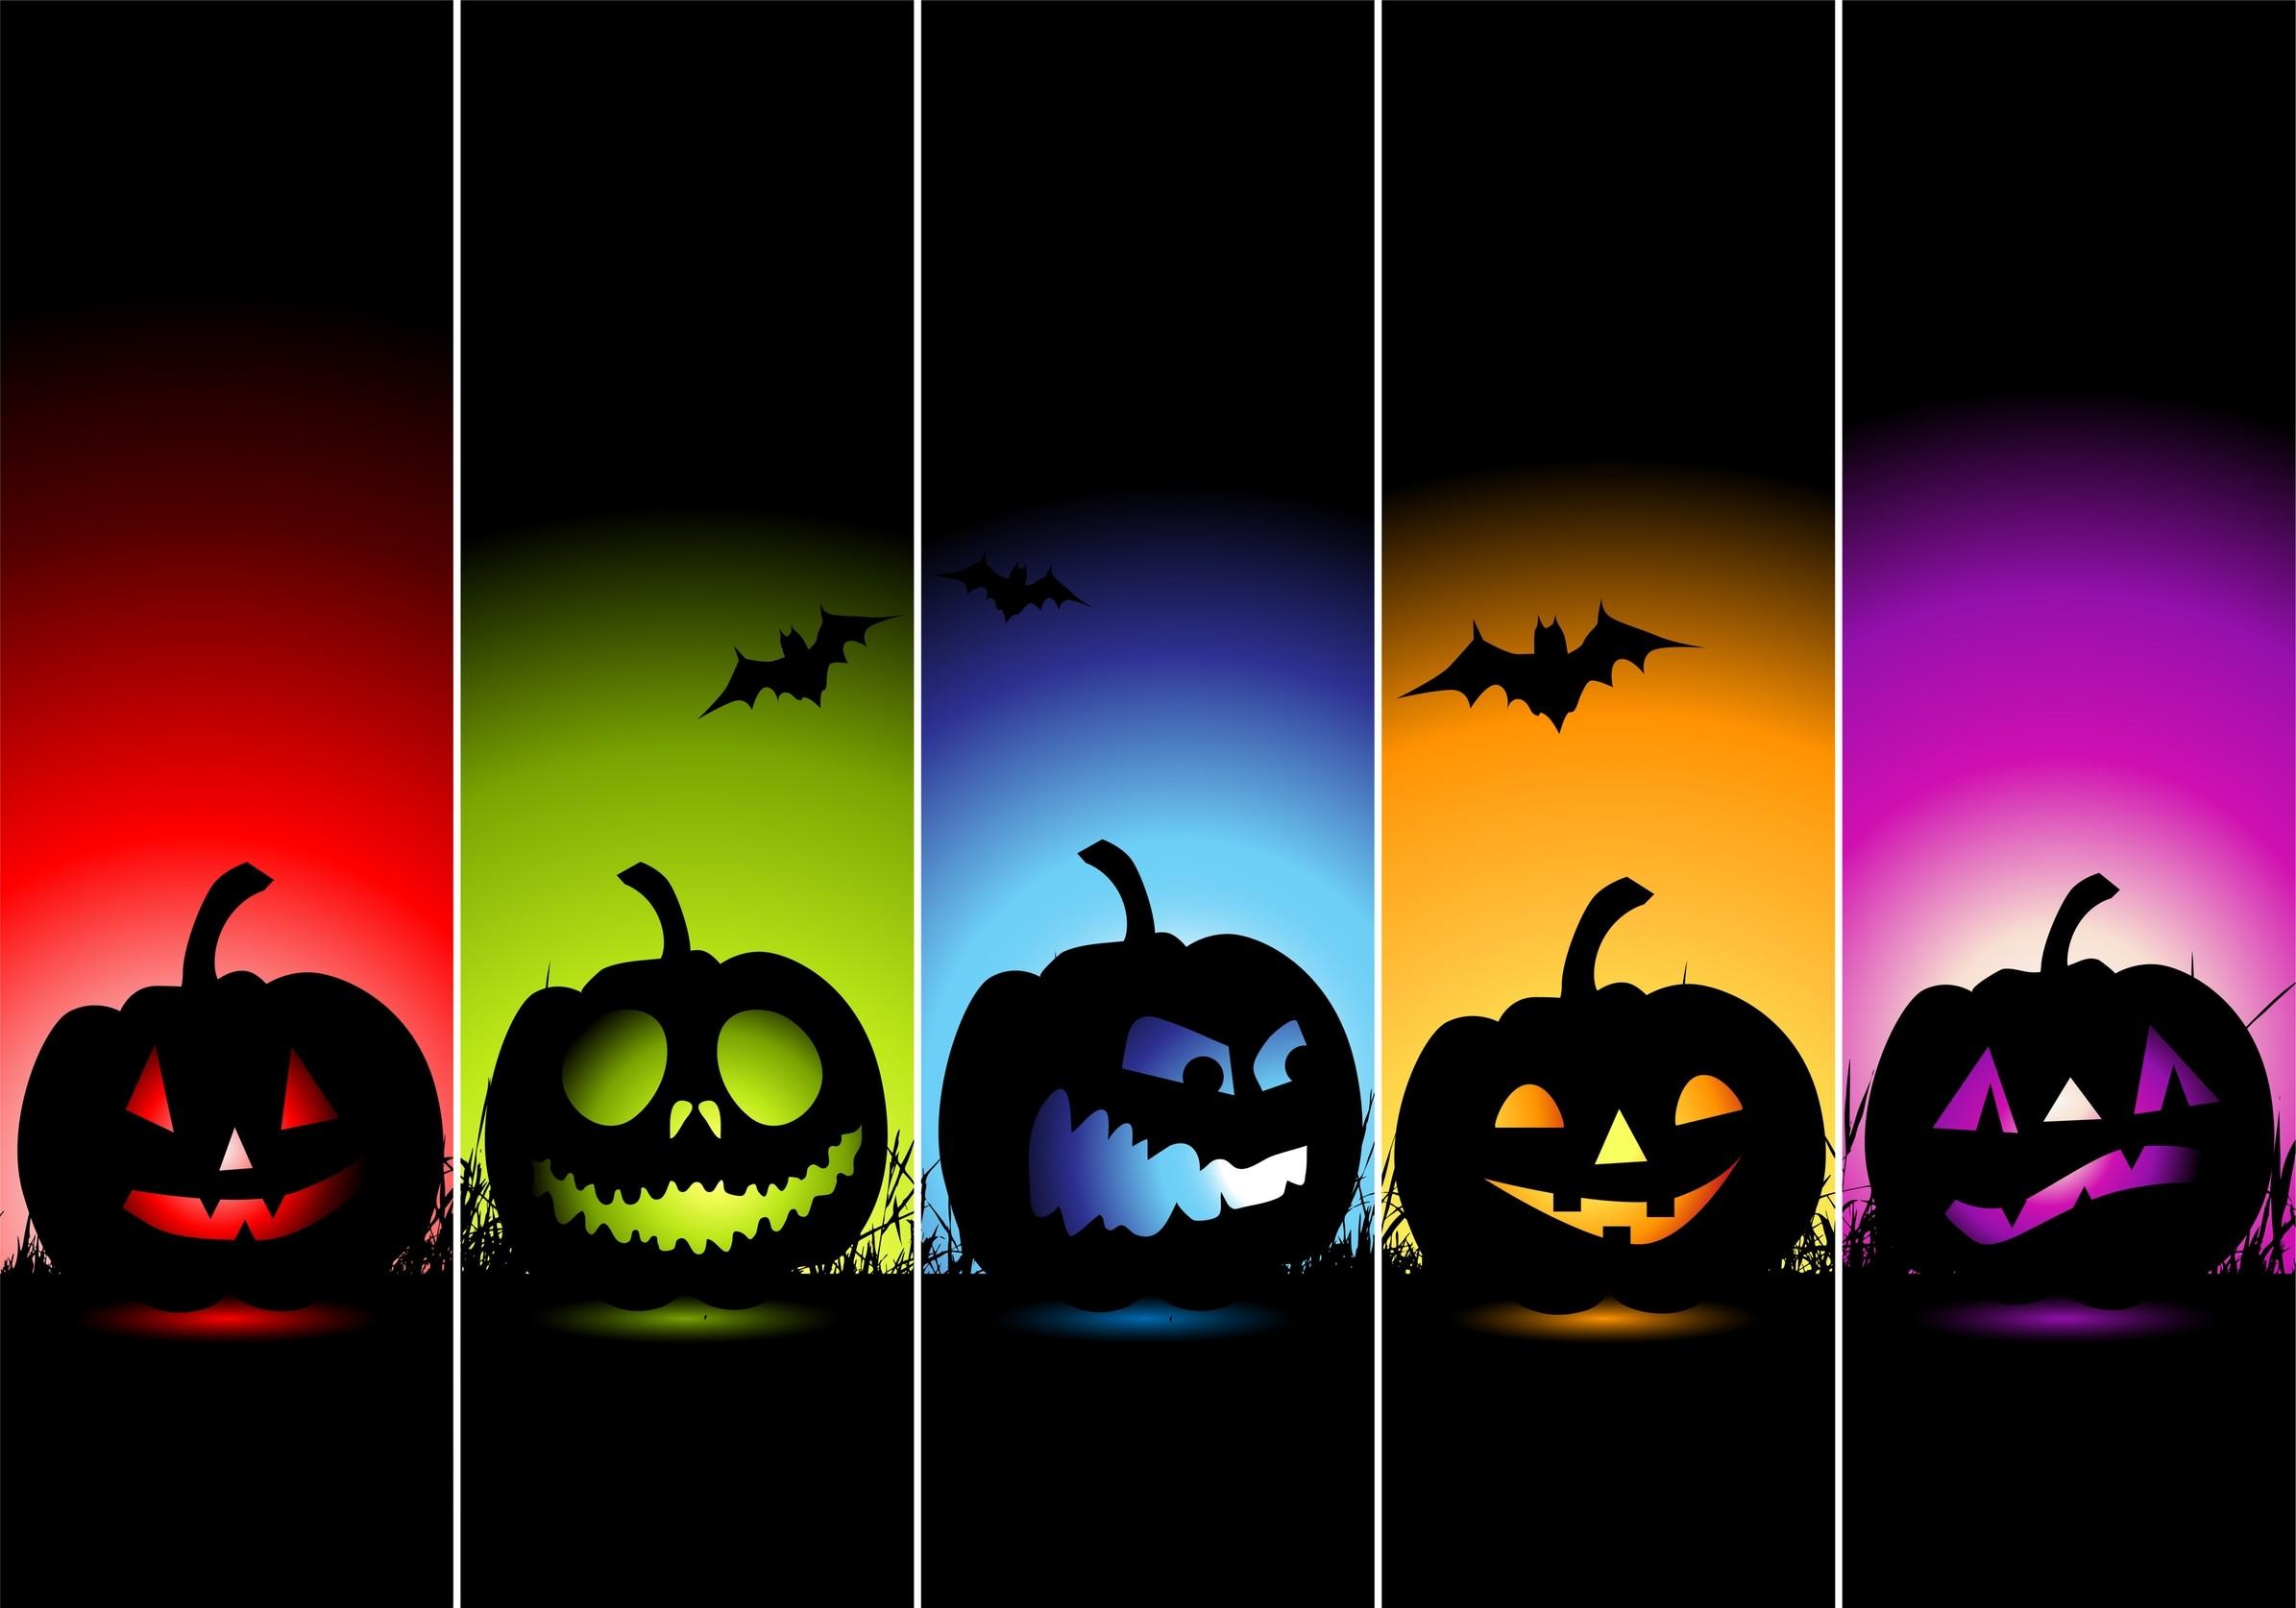 halloween | Best Halloween Backgrounds, wallpaper, wallpaper hd, Best  Halloween .